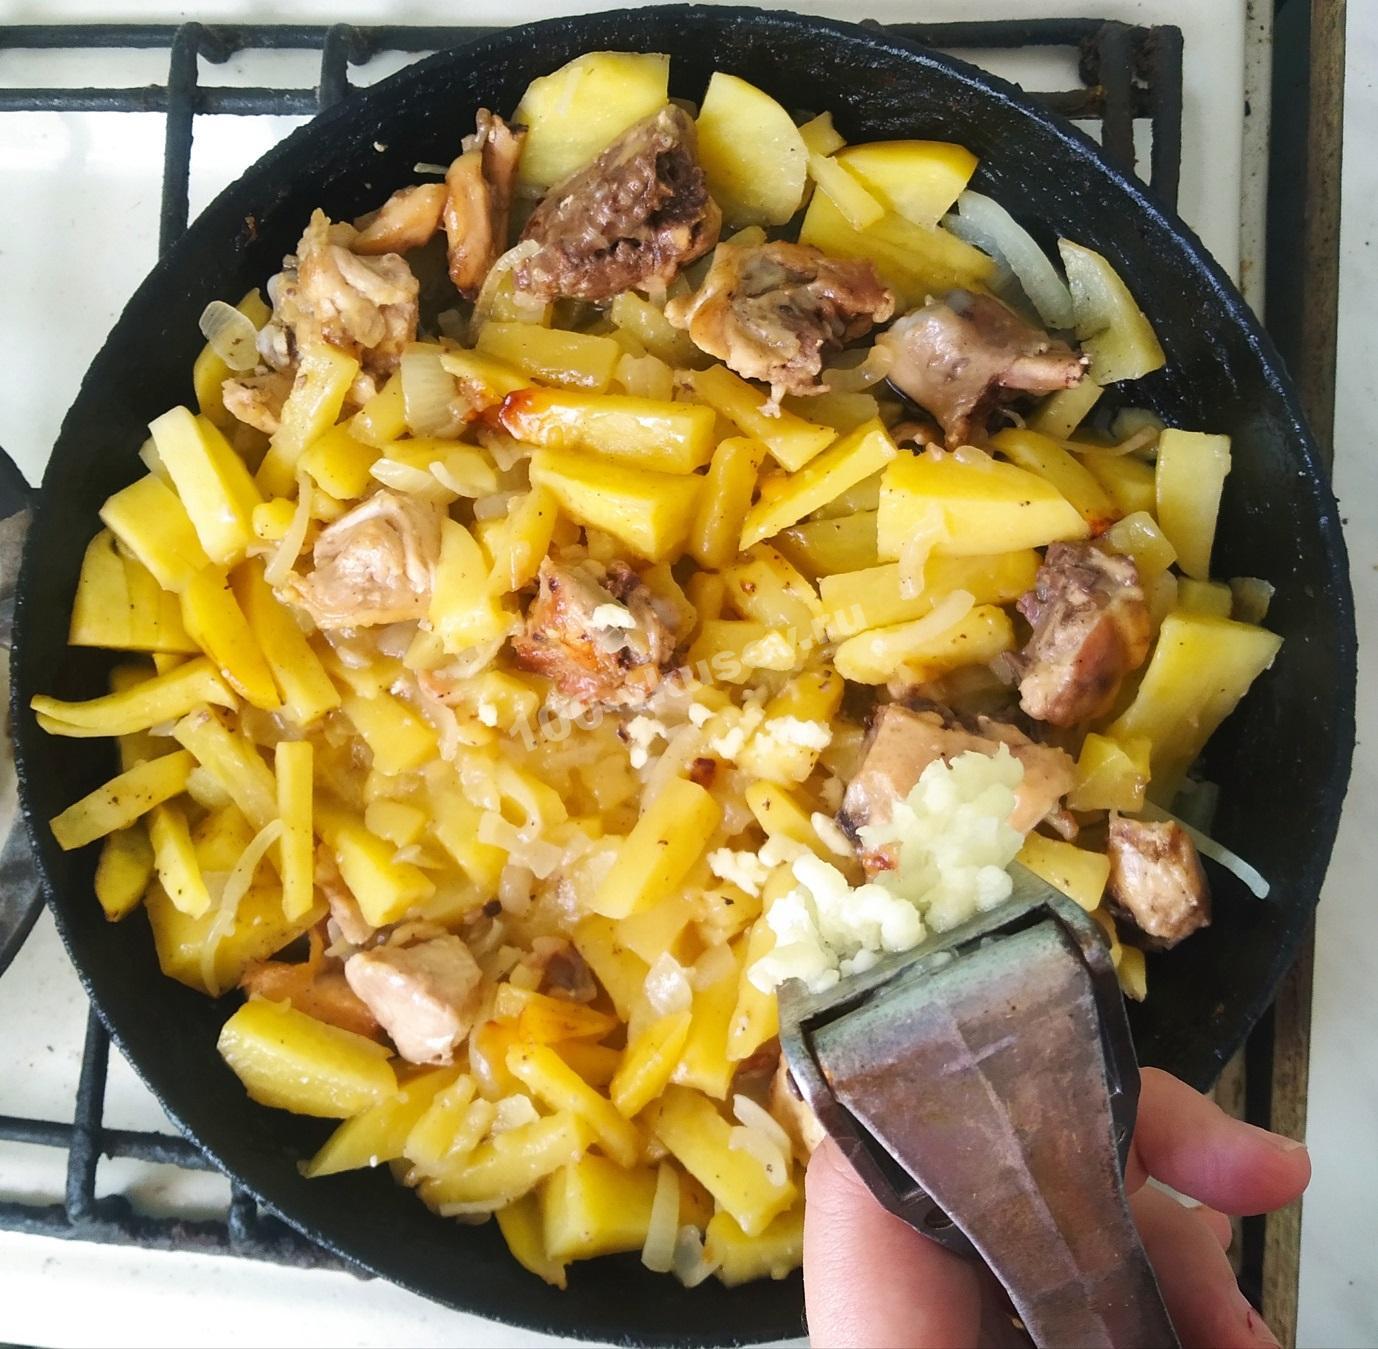 Добавляем чеснок в жареный картофель с курицей